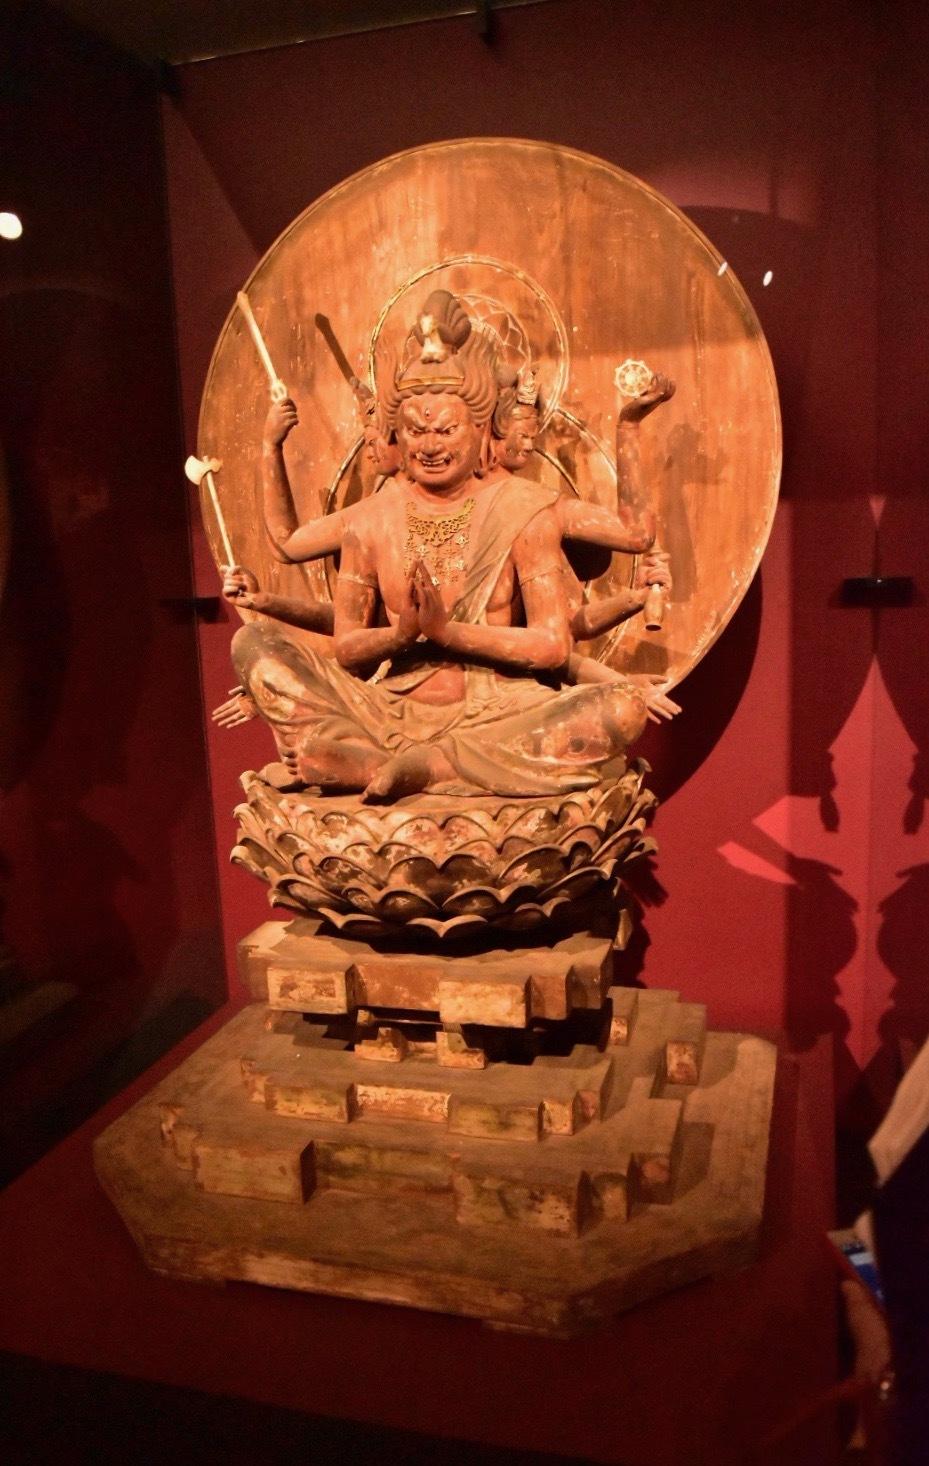 重要文化財 馬頭観音菩薩坐像 鎌倉時代 13世紀 福井・中山寺